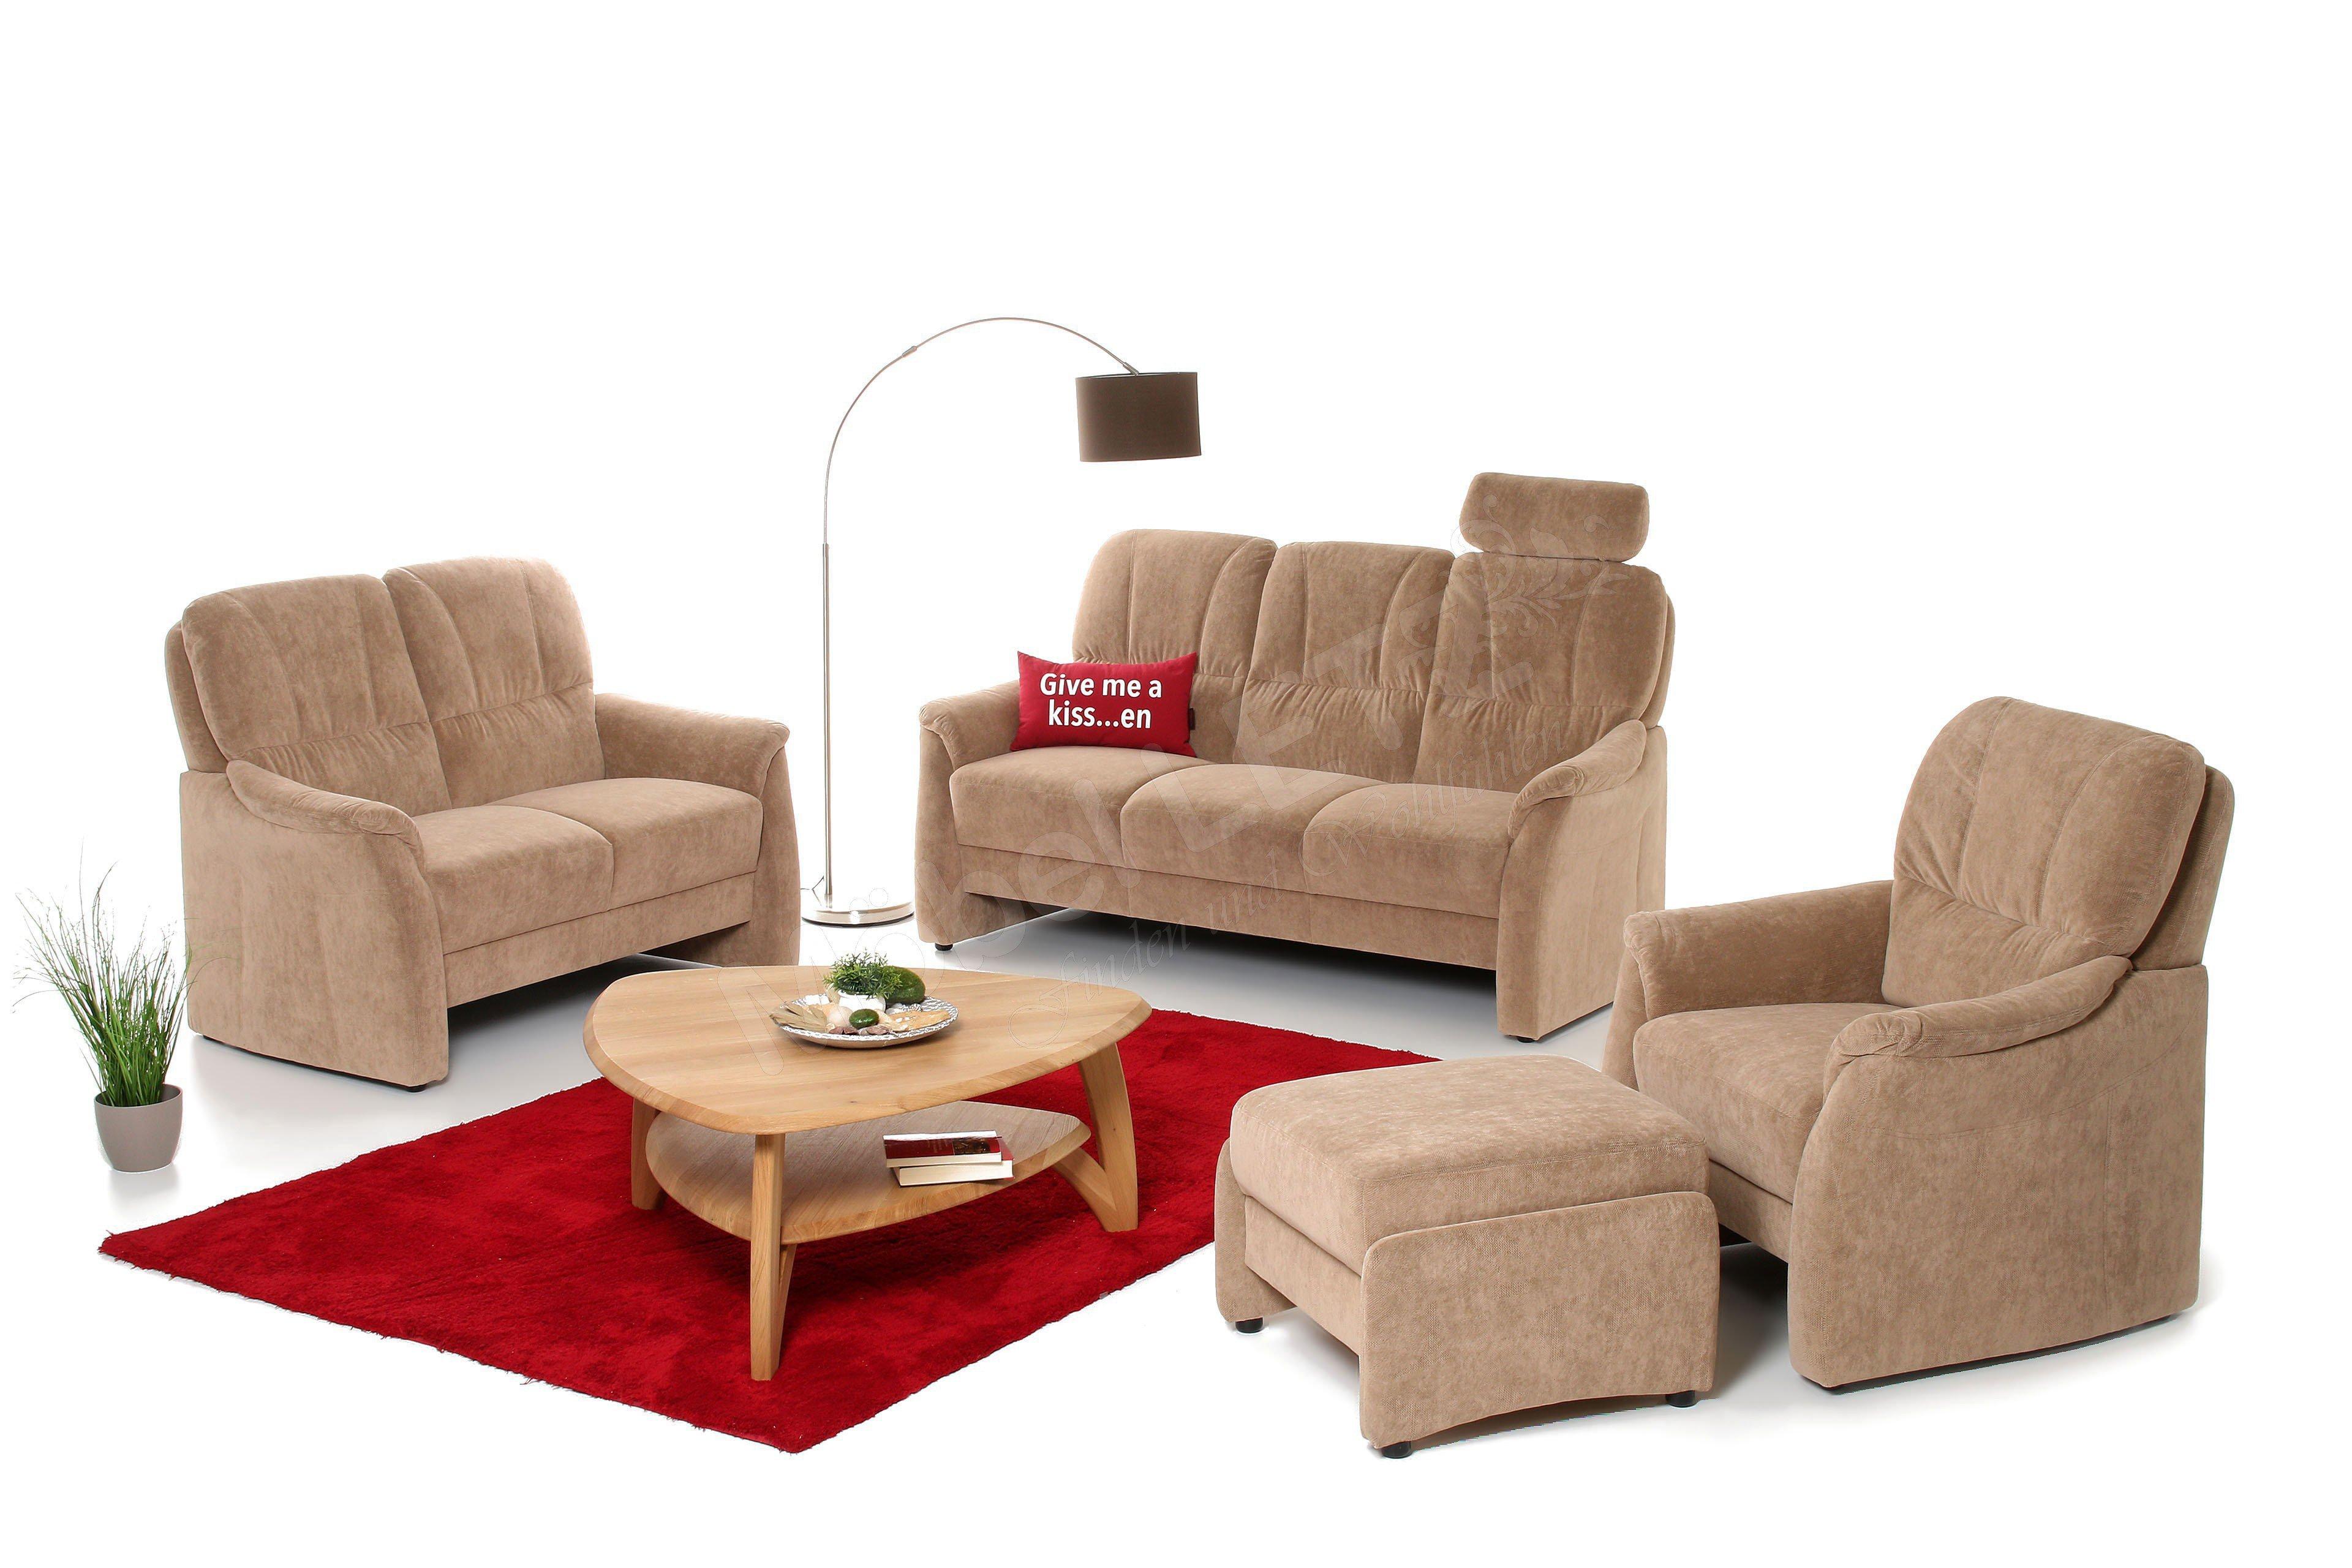 arco aalen 1000 polstergarnitur beige m bel letz ihr. Black Bedroom Furniture Sets. Home Design Ideas